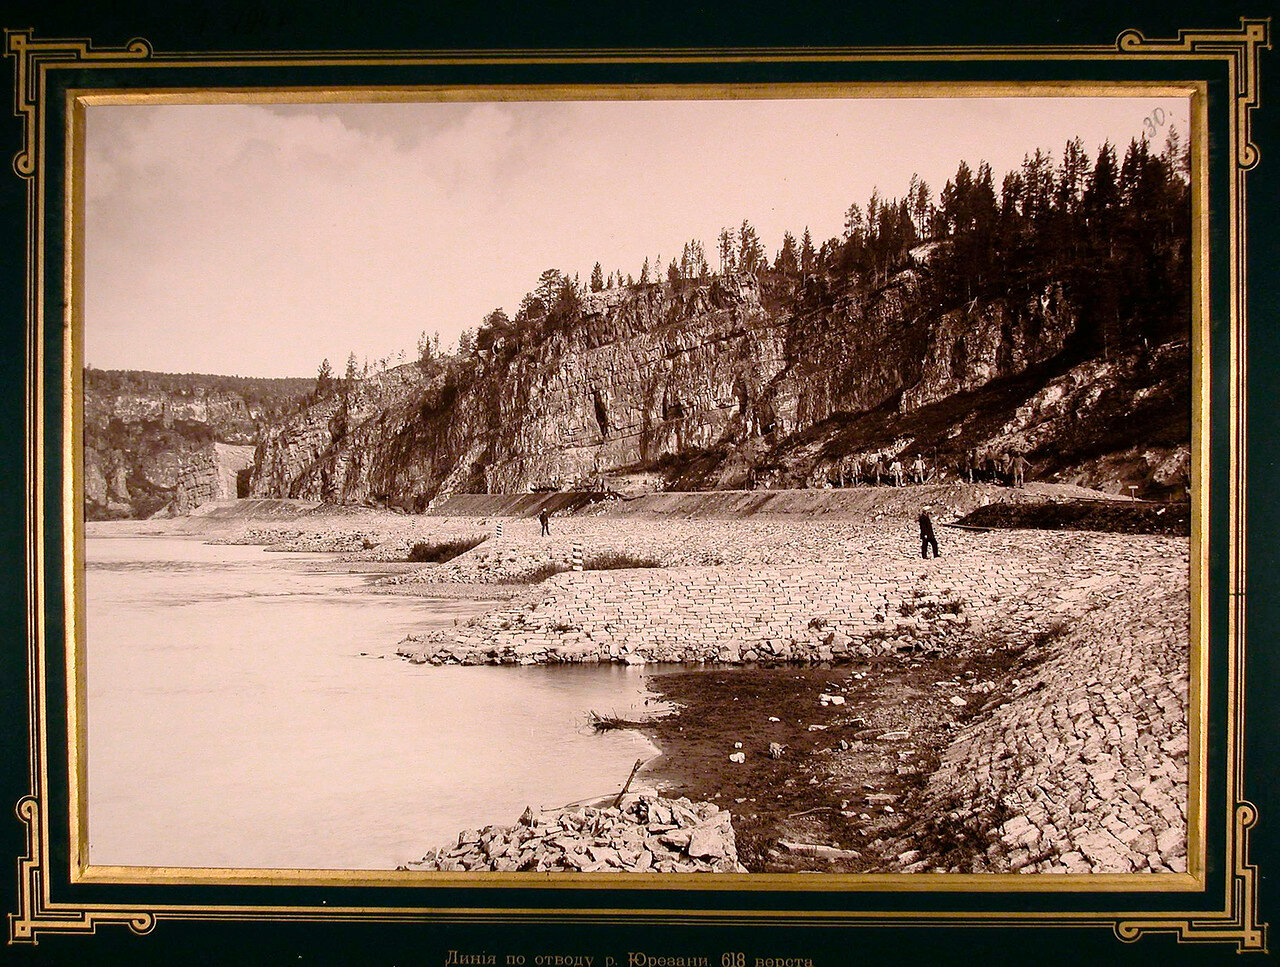 30. Рабочие во время сооружения линии по отводу реки Юрезань. 618-я верста, 1885-1889